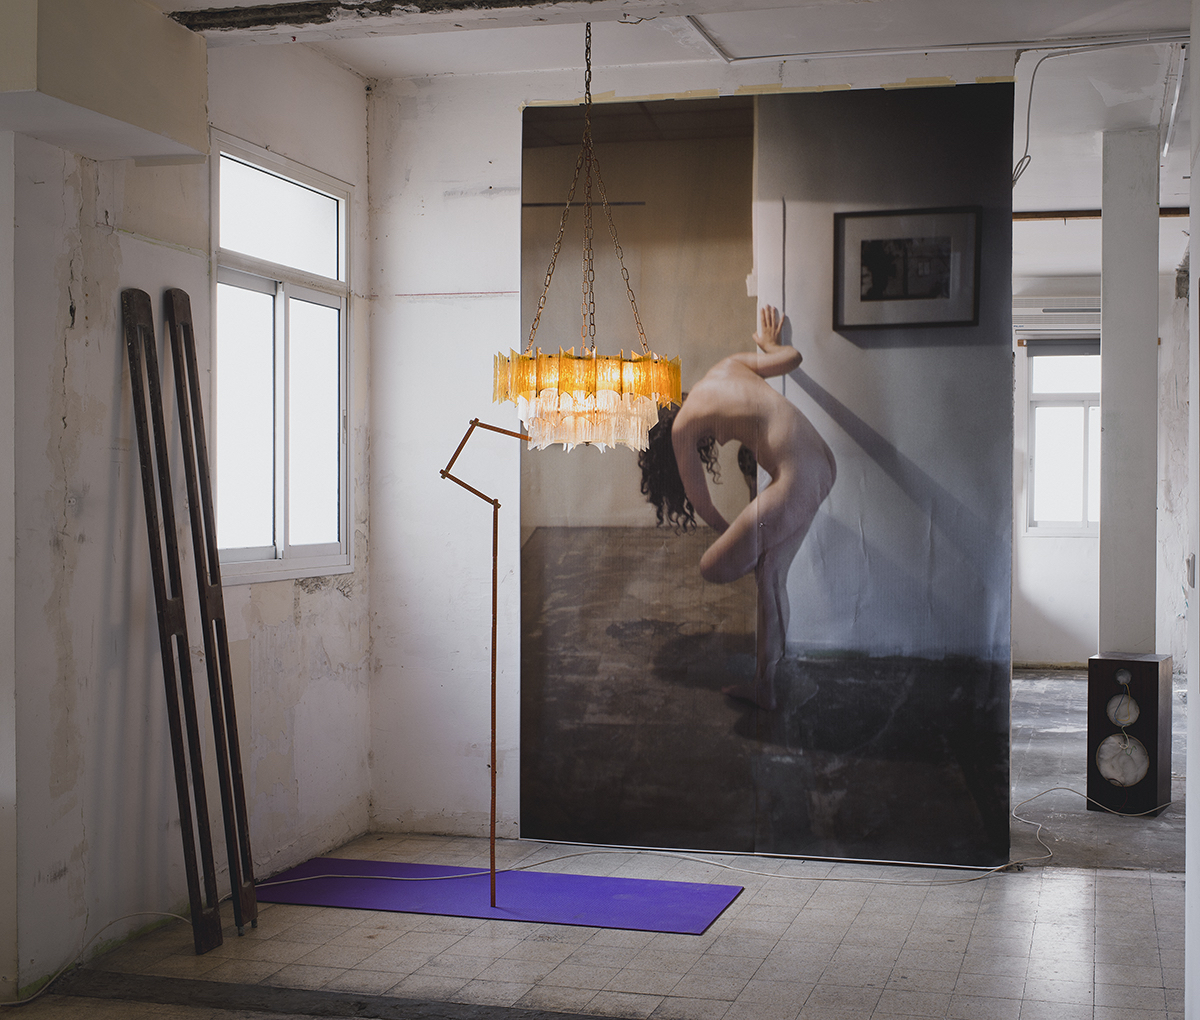 Mark Yashaev, Self Shadow, 2016, inkjet print, 150 x 180 cm